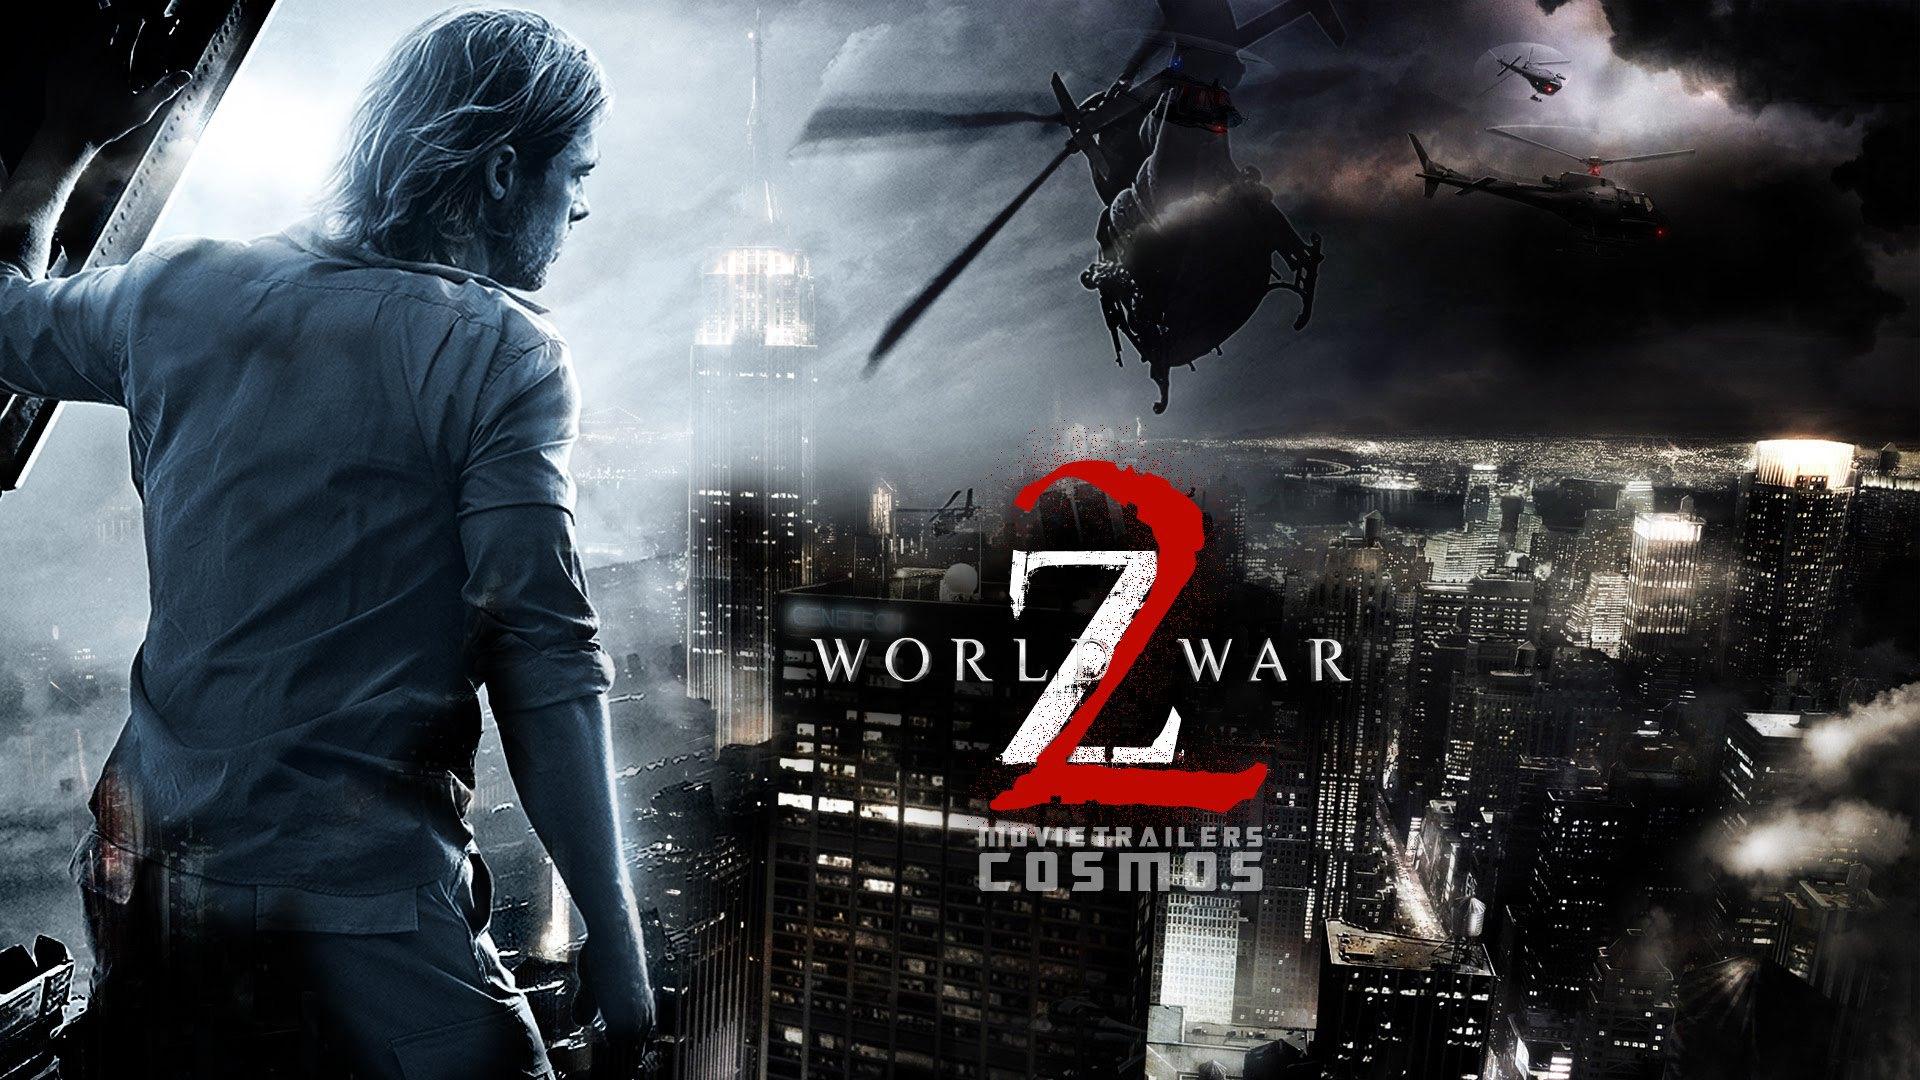 World War Z 2 Pictures